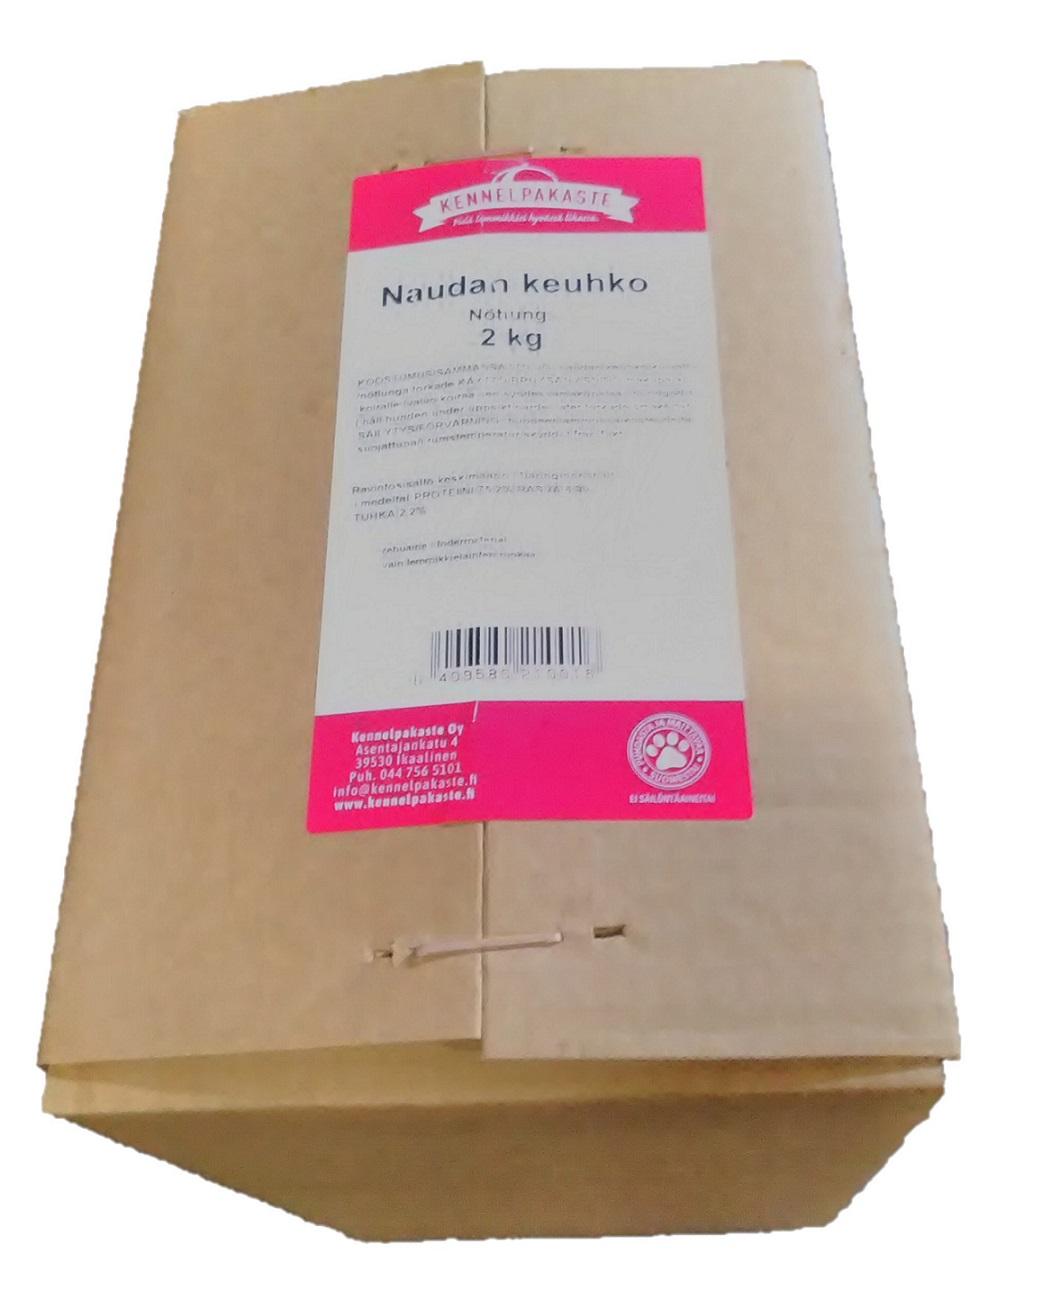 Kuivattu Naudan keuhko 2kg Kennelpakaste